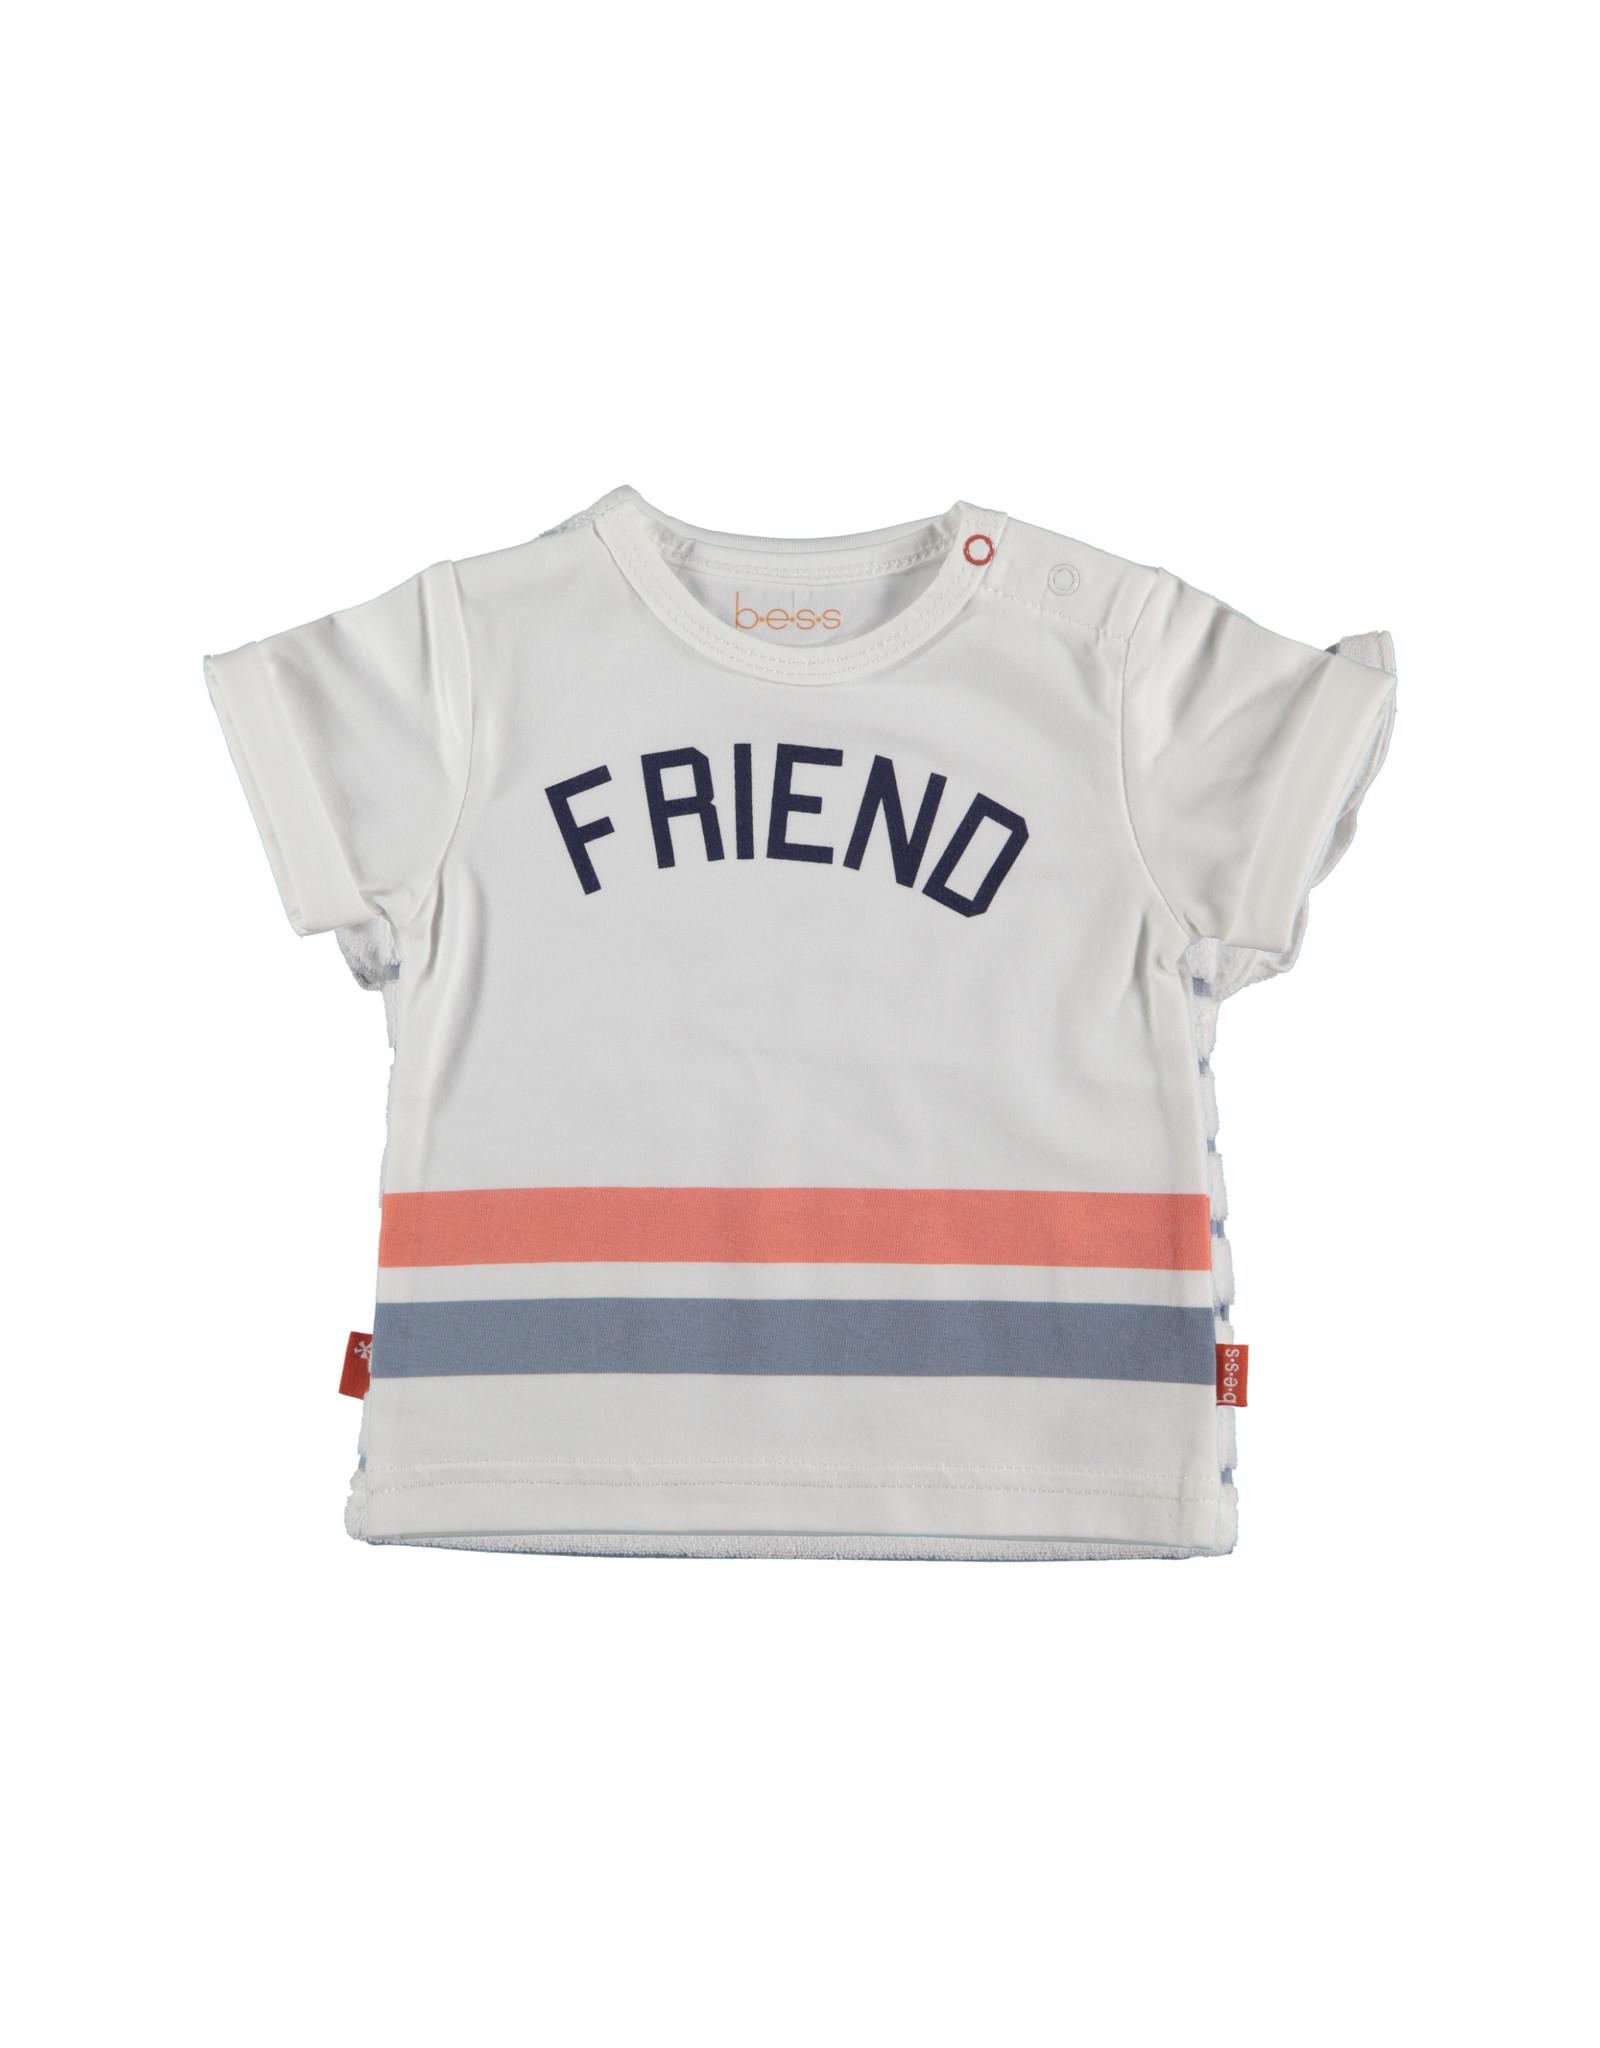 B.E.S.S. Shirt sh.sl. FRIEND, White